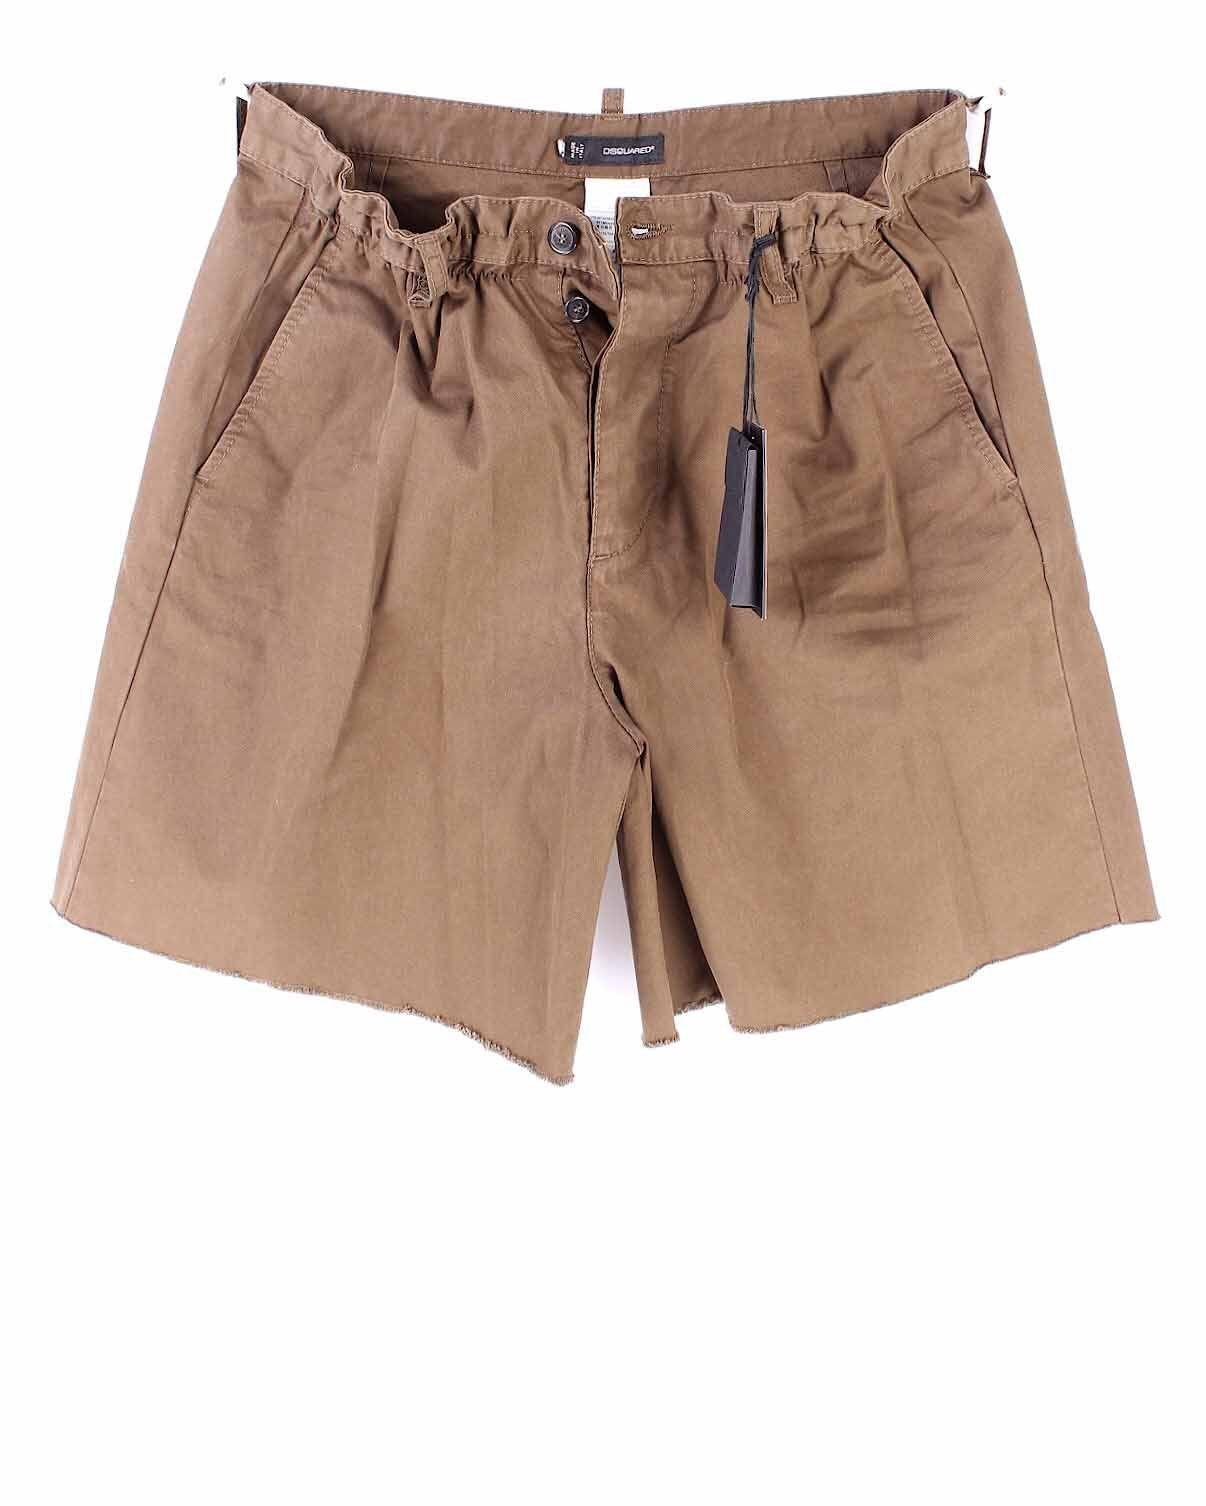 Pantaloni Corti Shorts men DSQUARED S71MU0345 Col727 Cotone Made In  Nuovi